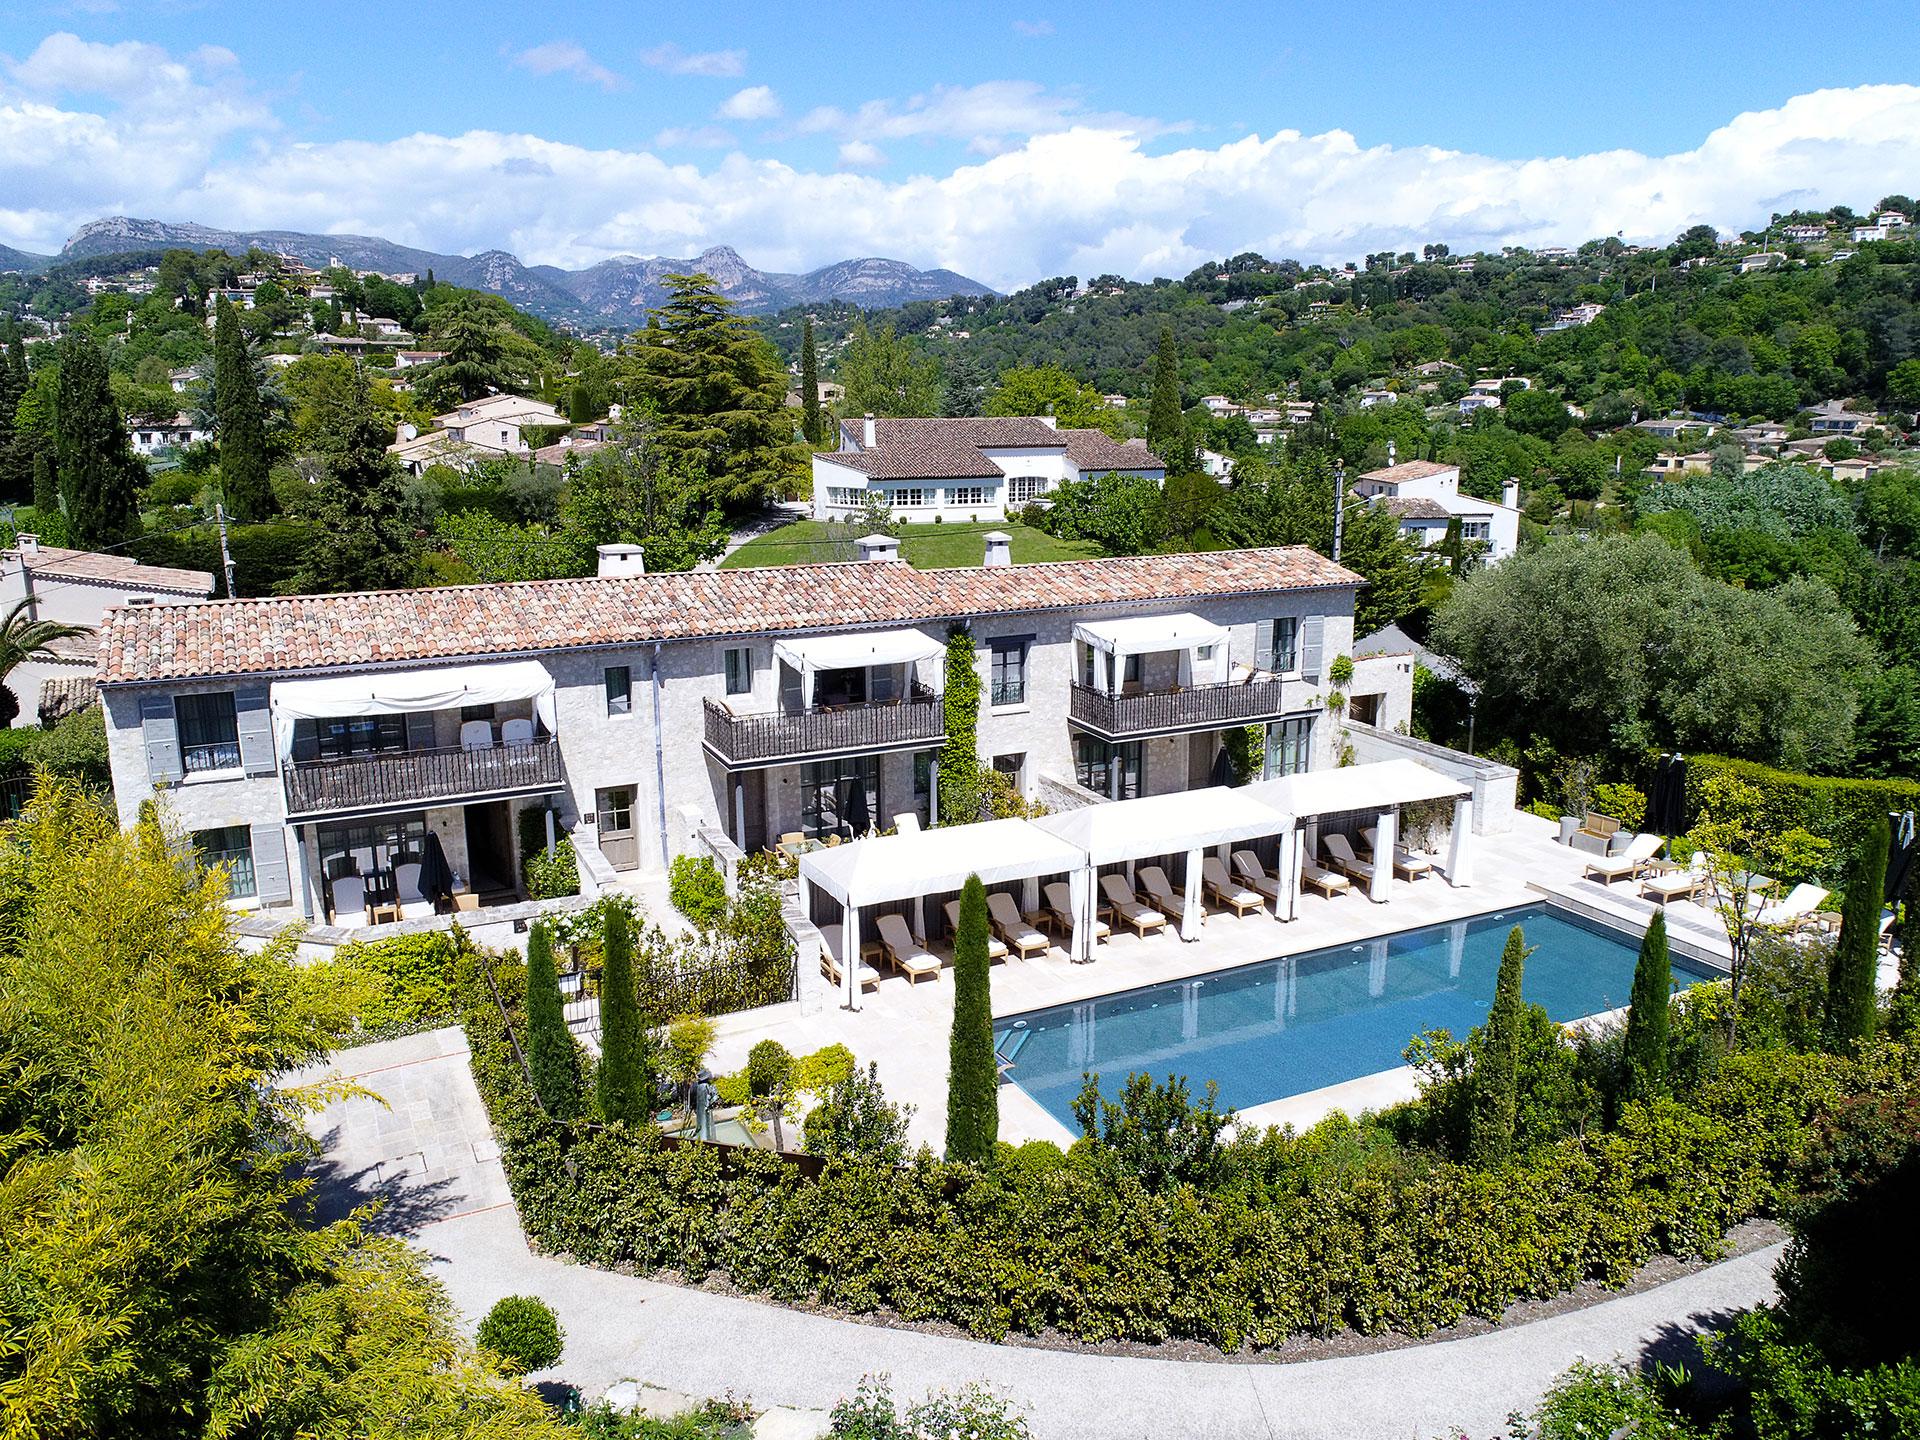 Le mas de pierre h tel de luxe au coeur d 39 un jardin - Hotel de mougins restaurant le jardin ...